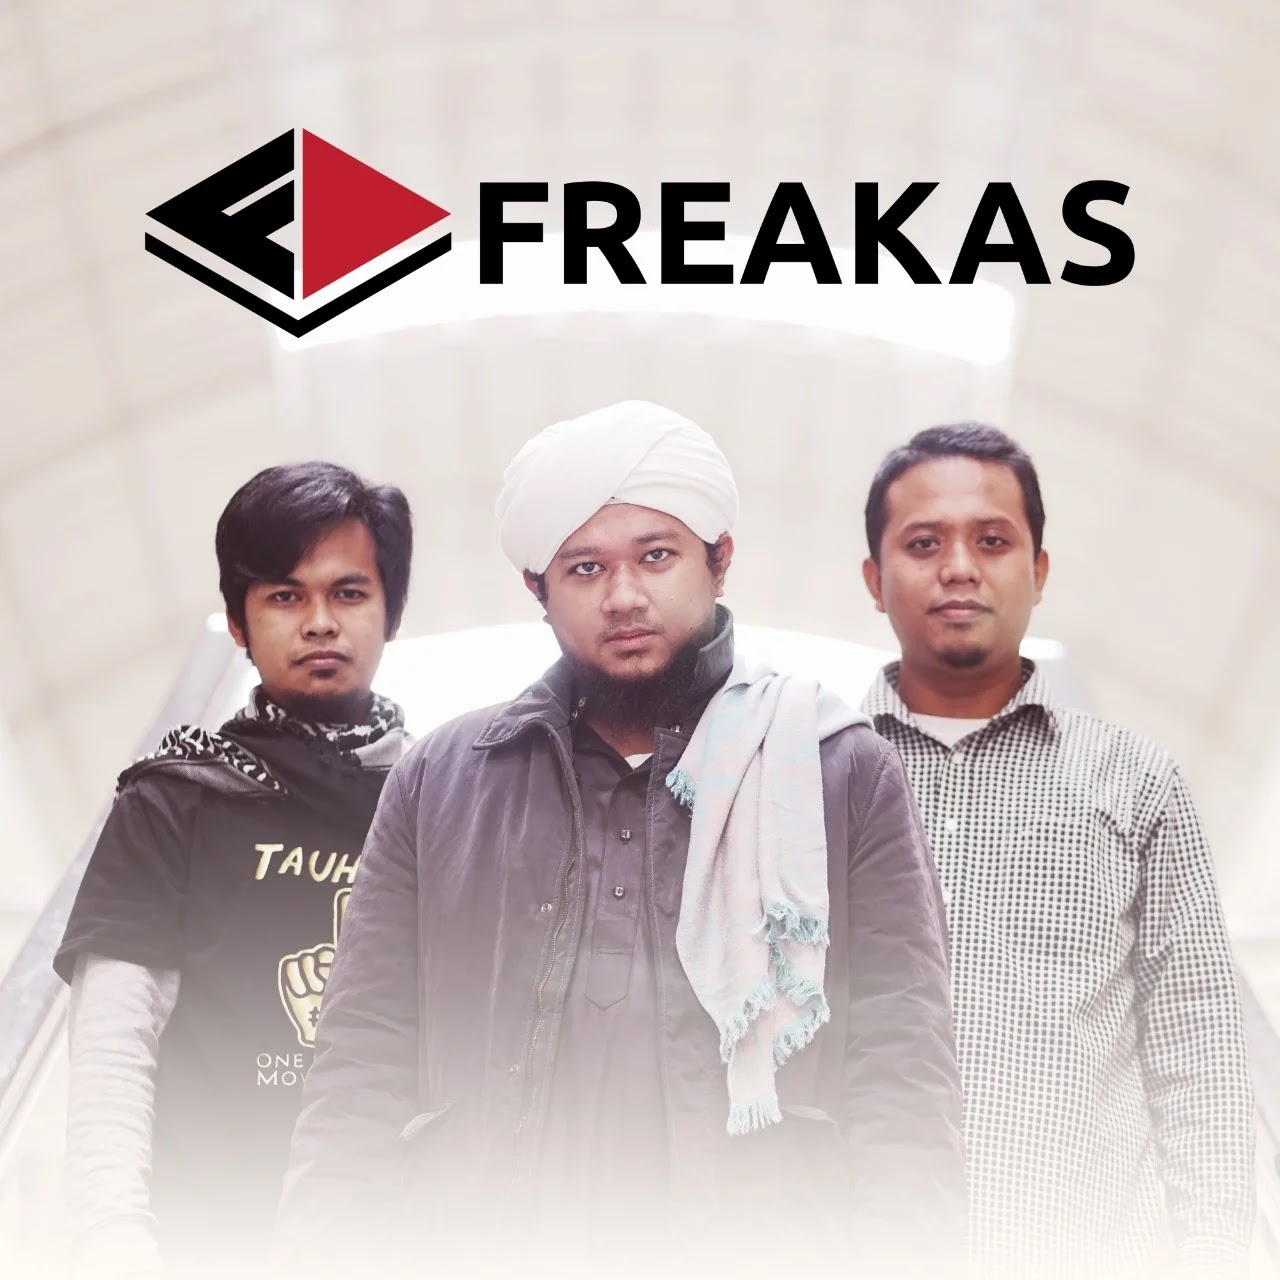 Freakas